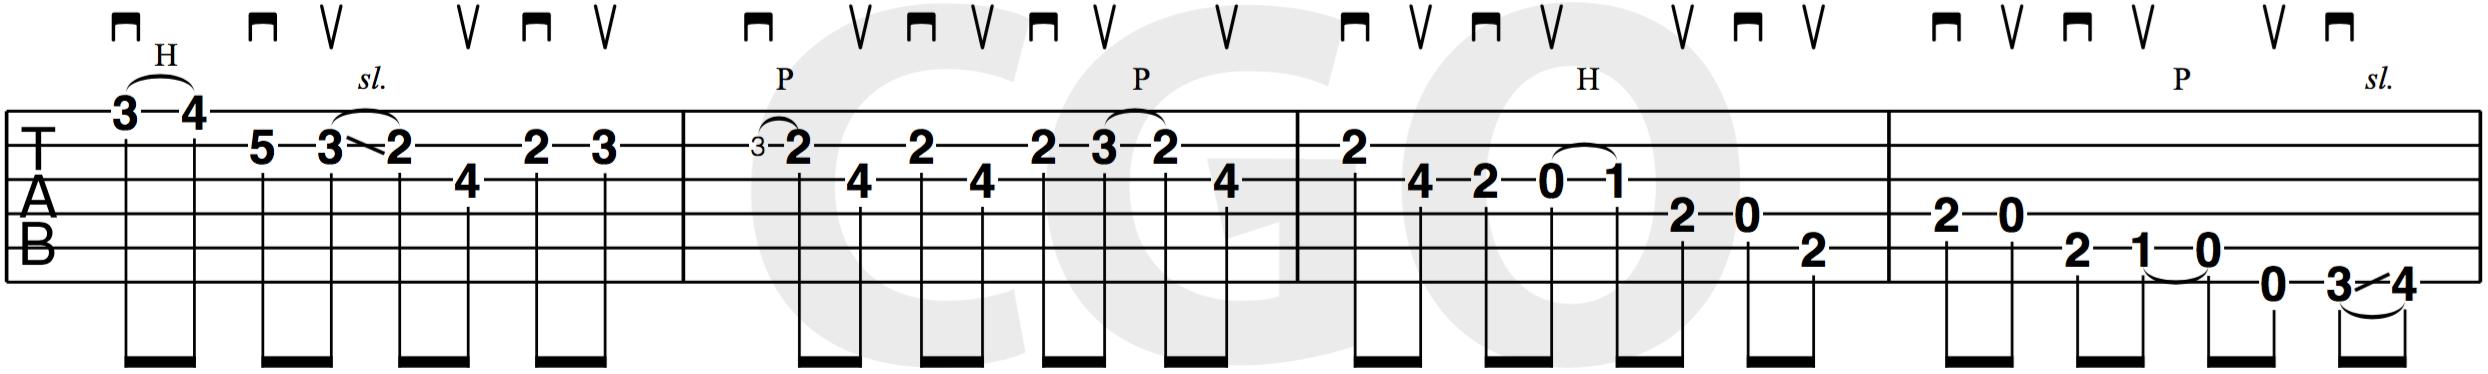 bluegrass-guitar-lick-tablature-bl-e0001